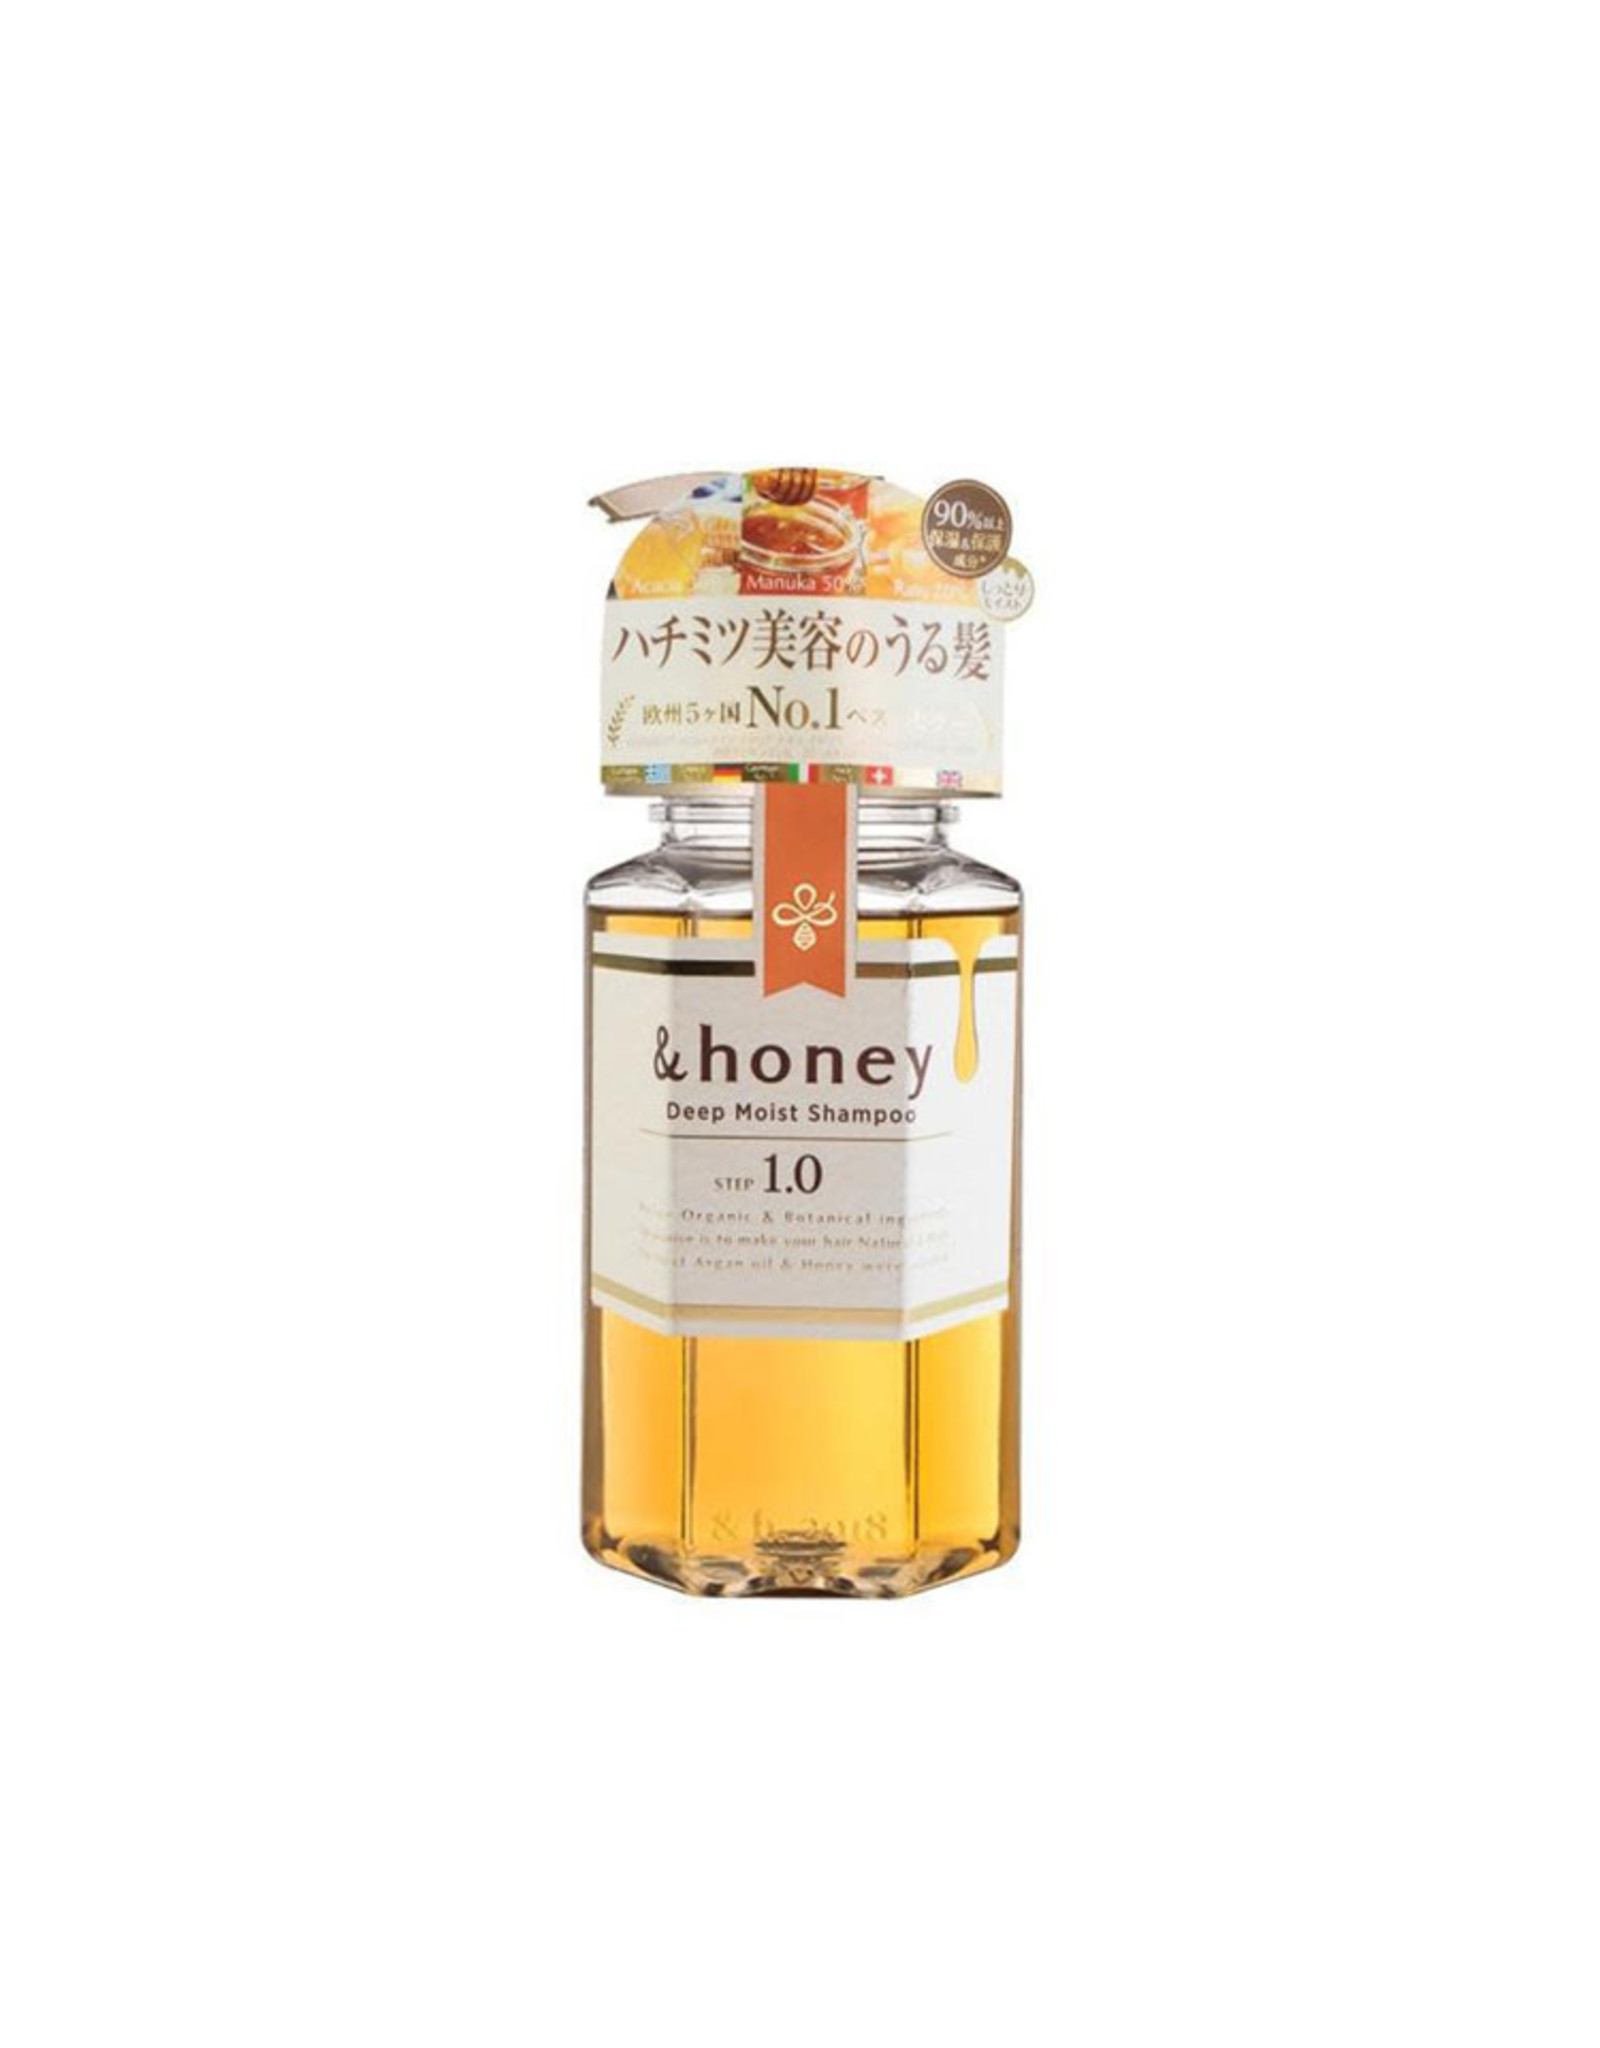 Vicrea Vicrea &Honey Deep Moist Shampoo 1.0 440ml